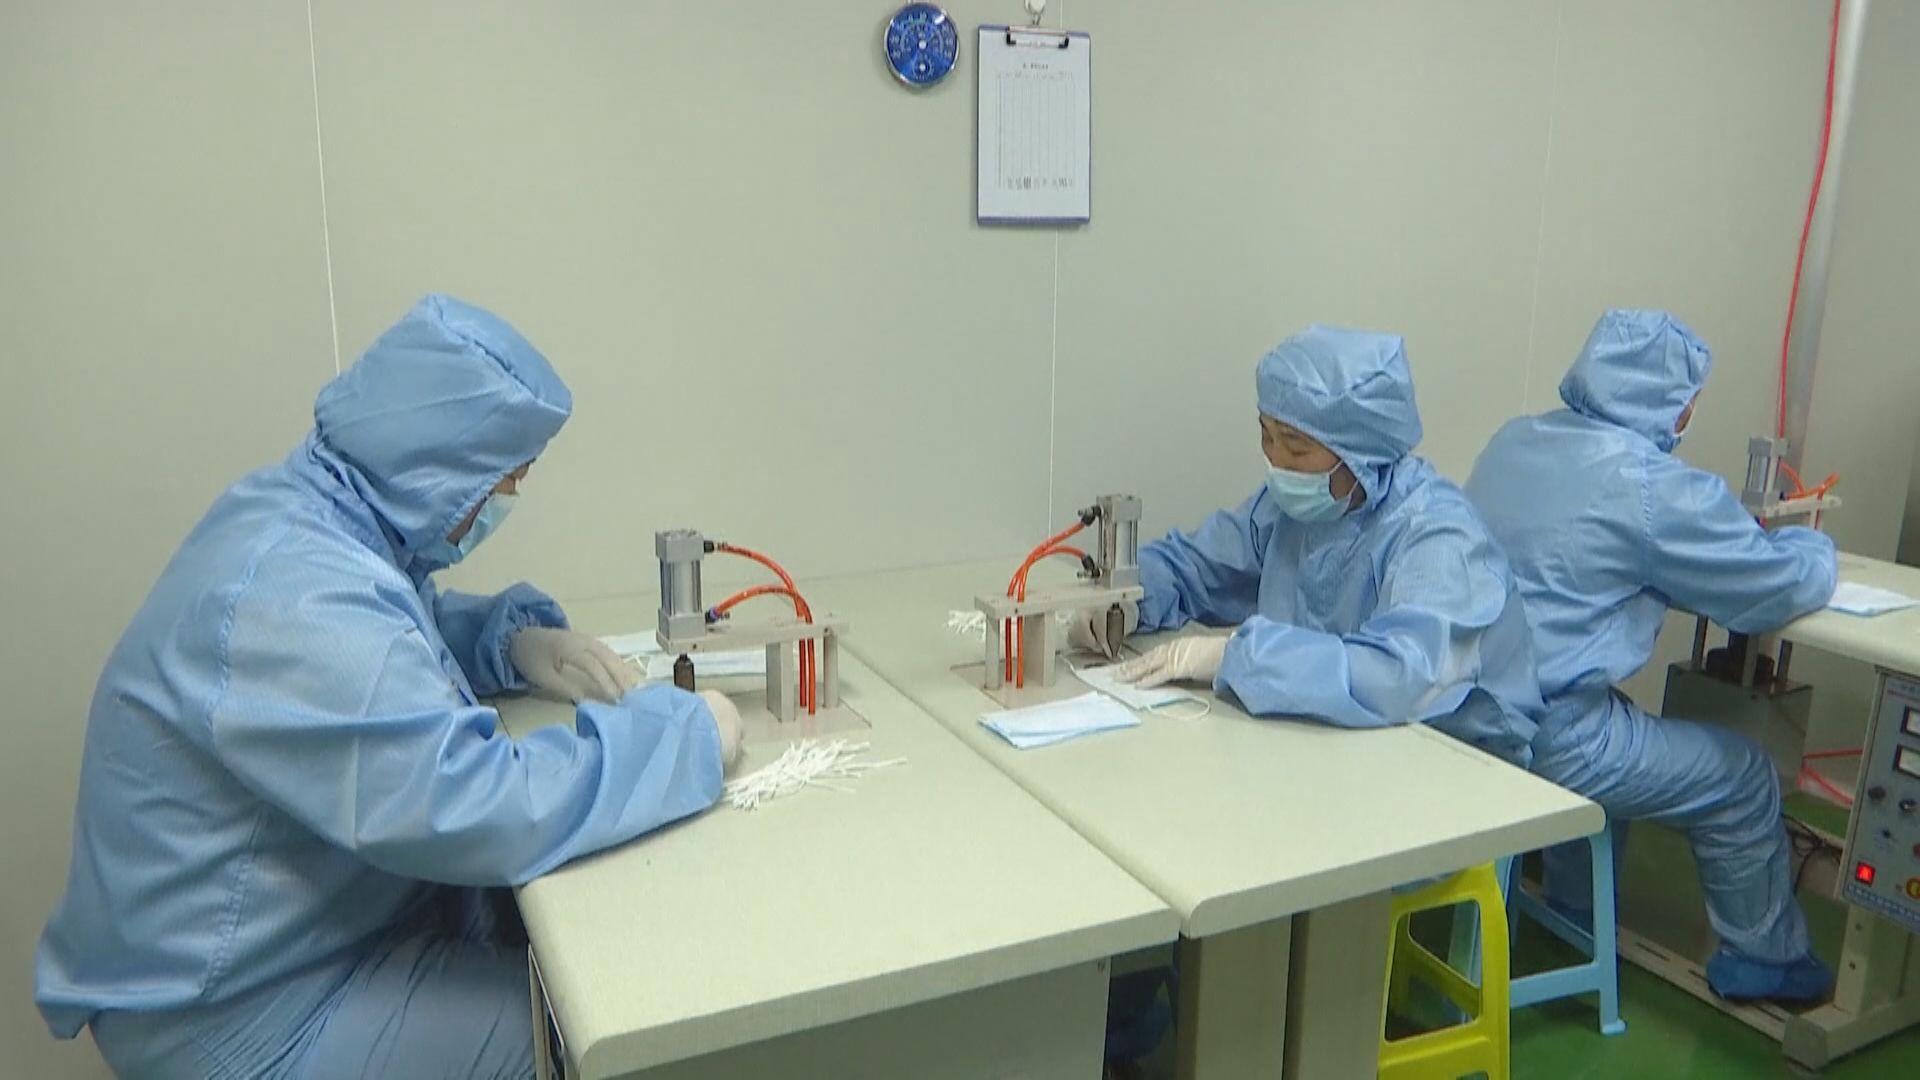 富士康加入口罩生產行列 內地多間企業亦「變陣」